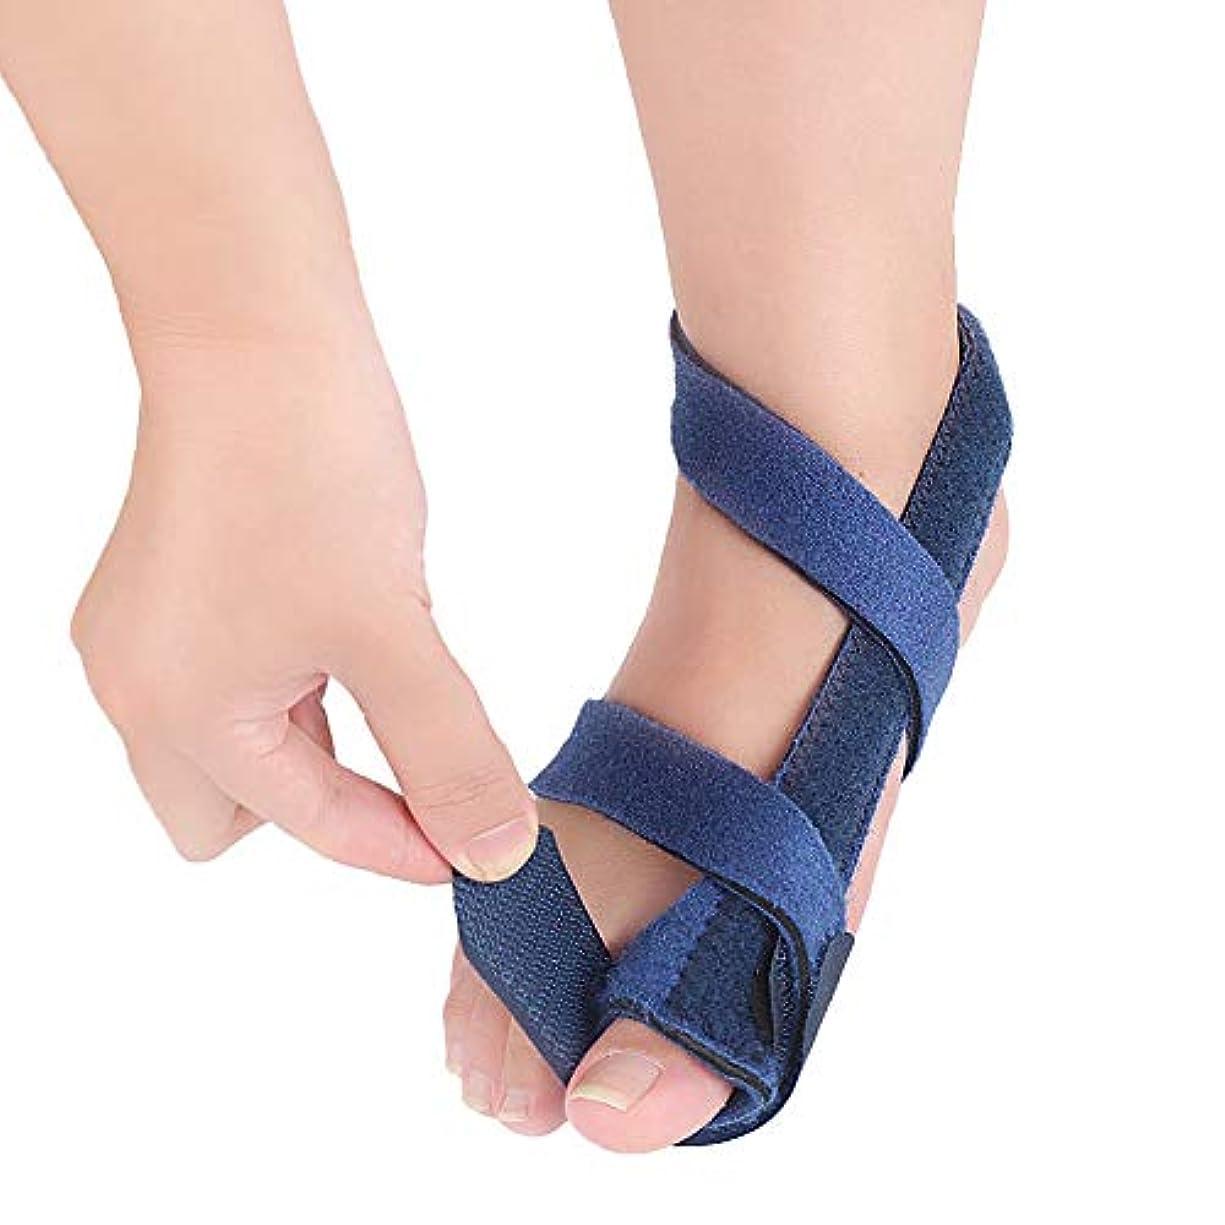 お金ゴム流社会主義者外反母趾足指セパレーターは足指重複嚢胞通気性吸収汗ワンサイズを防止し、ヨガ後の痛みと変形を軽減